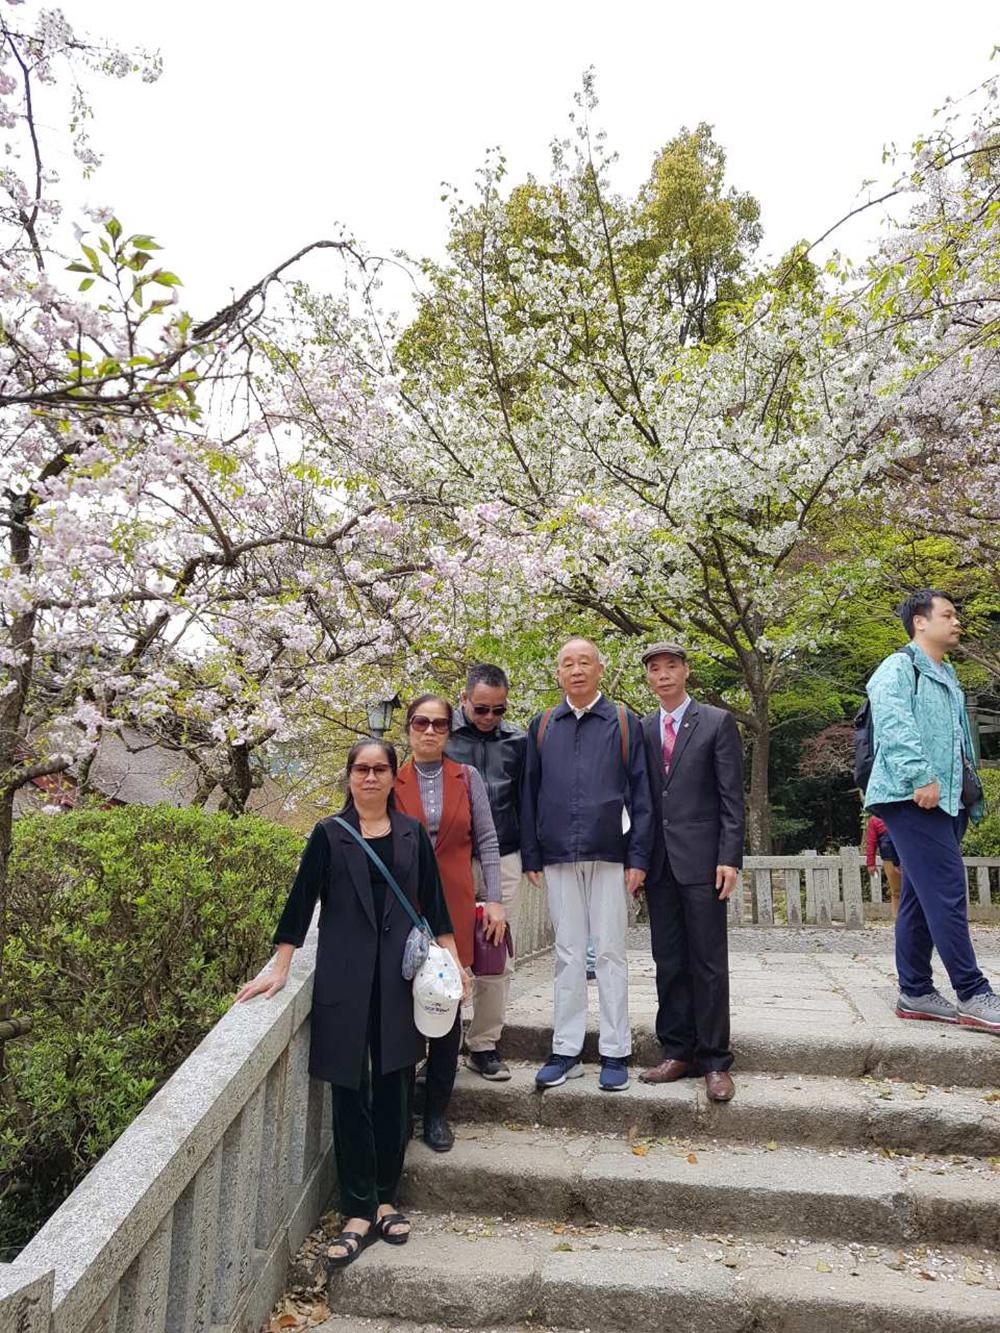 Đoàn khách tham quan Thượng Hải - Nhật Bản 02/04/2019